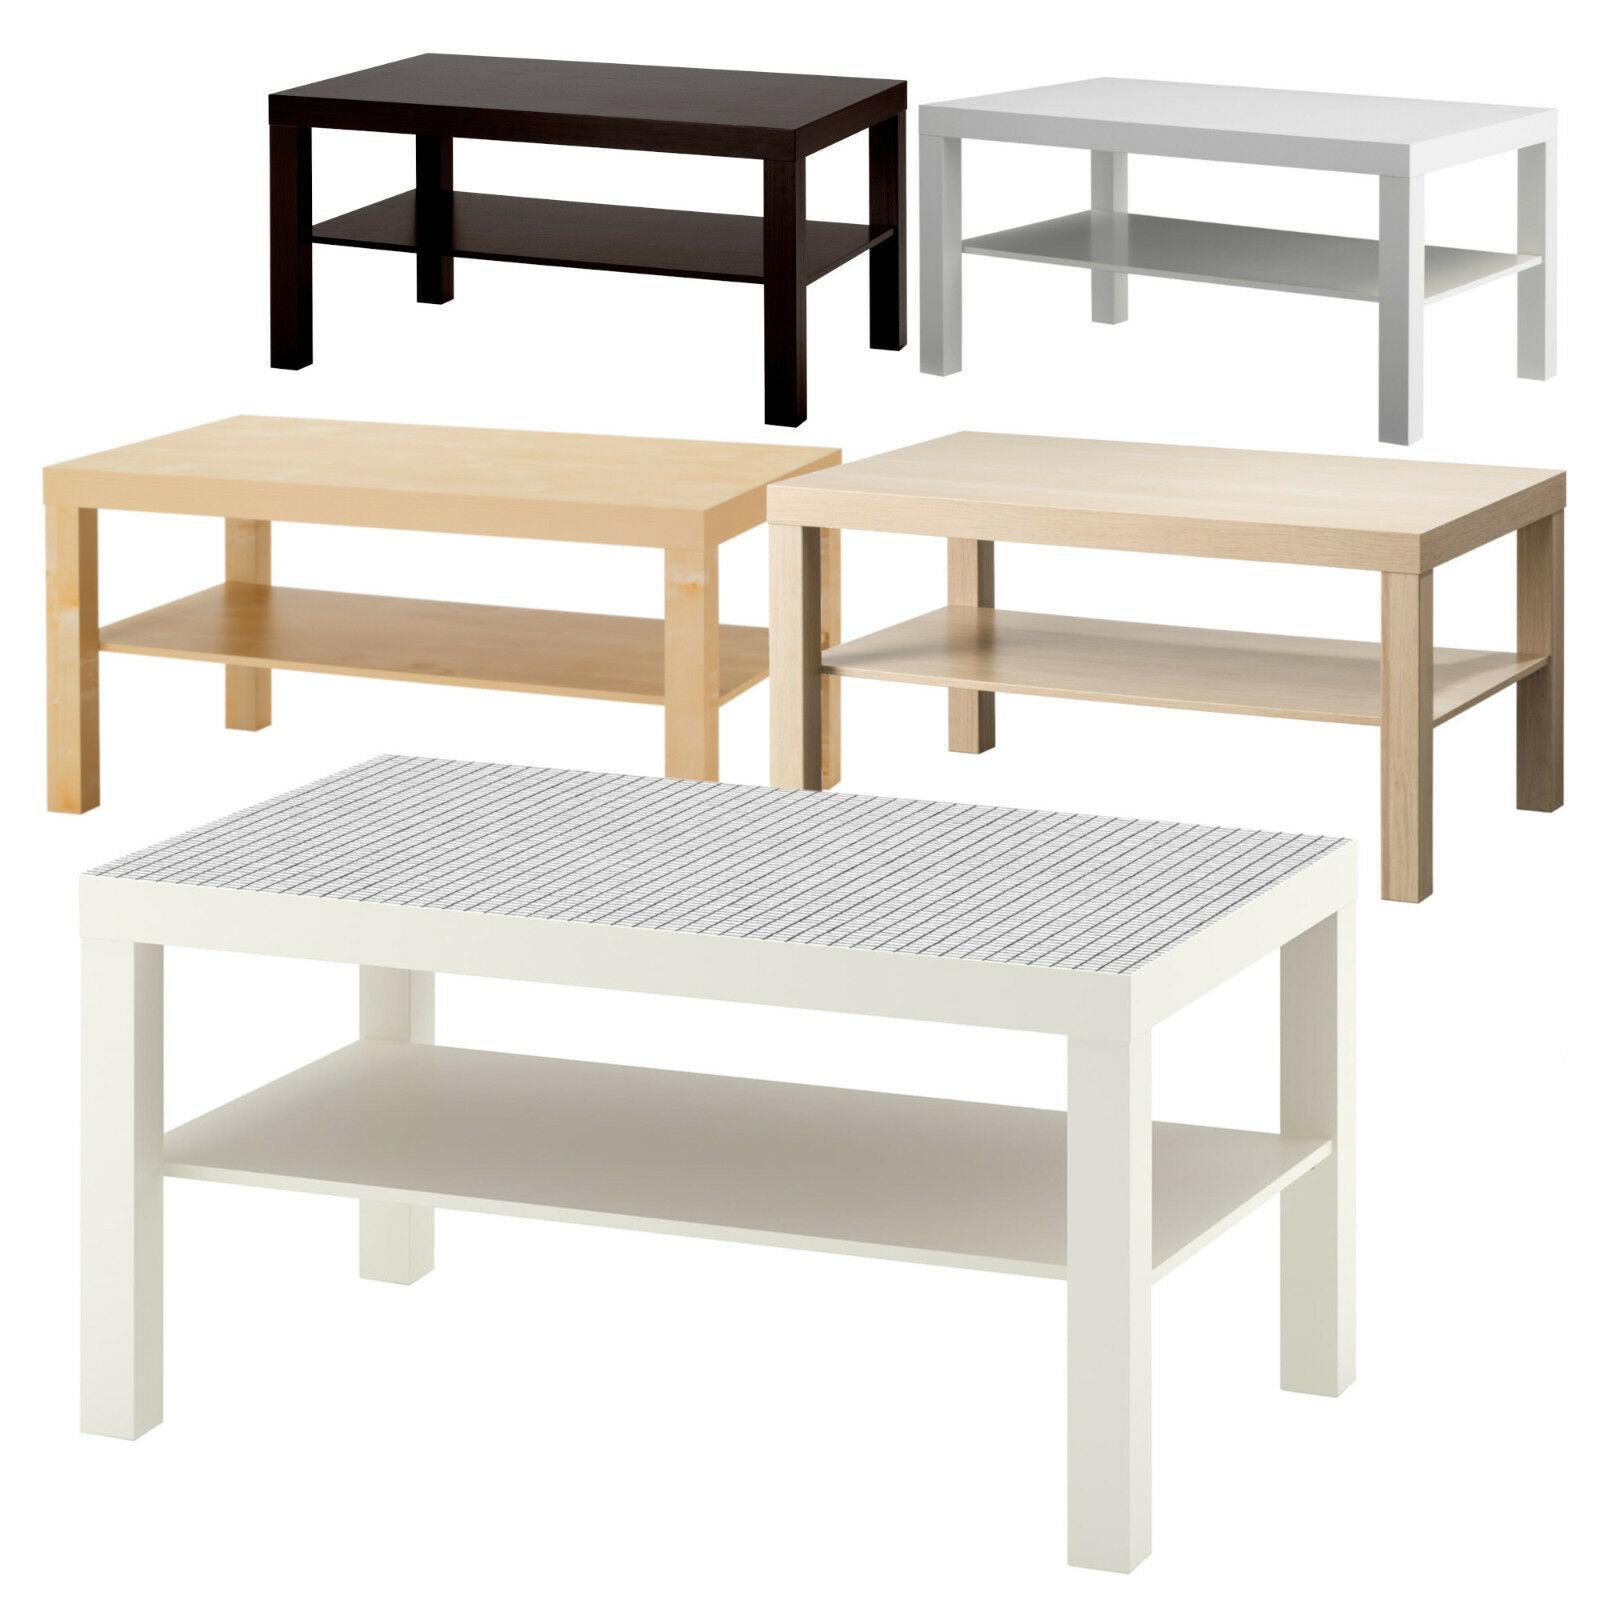 Ikea Lack Beistelltisch 90x55 cm Weiß Schwarz Birke Couchtisch Wohnzimmertisch